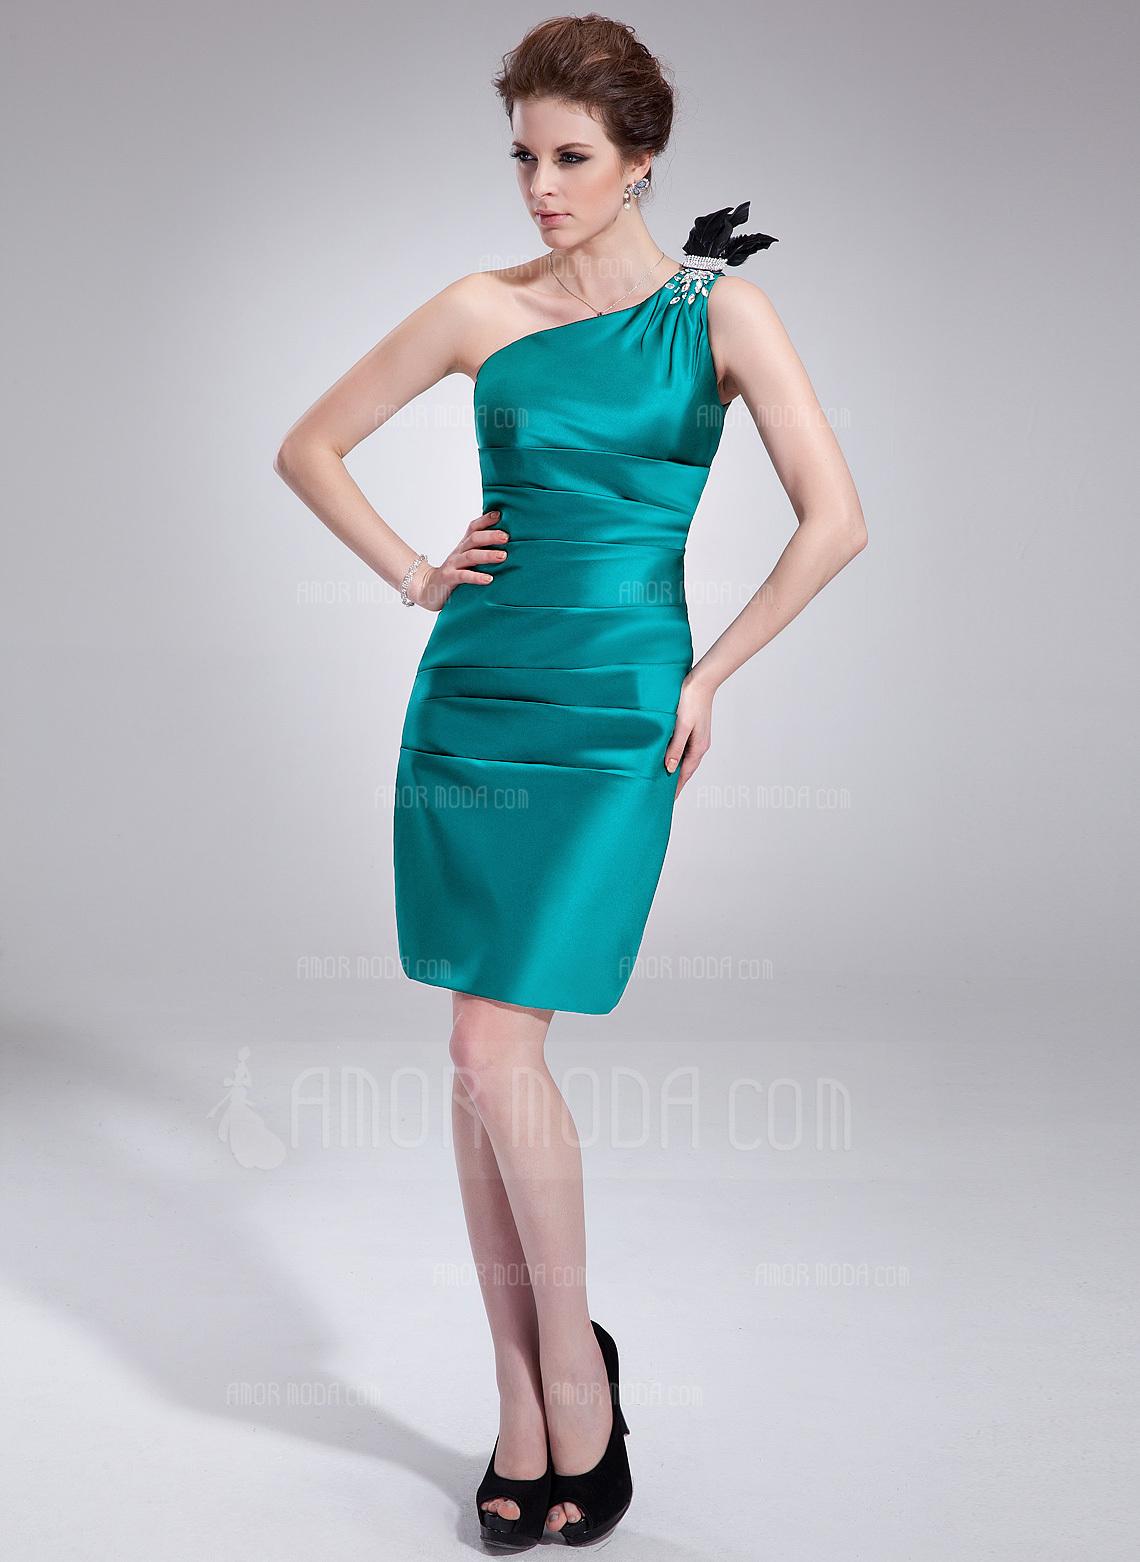 Etui-Linie One-Shoulder-Träger Knielang Charmeuse Cocktailkleid mit Rüschen Perlen verziert Federn (016021243)